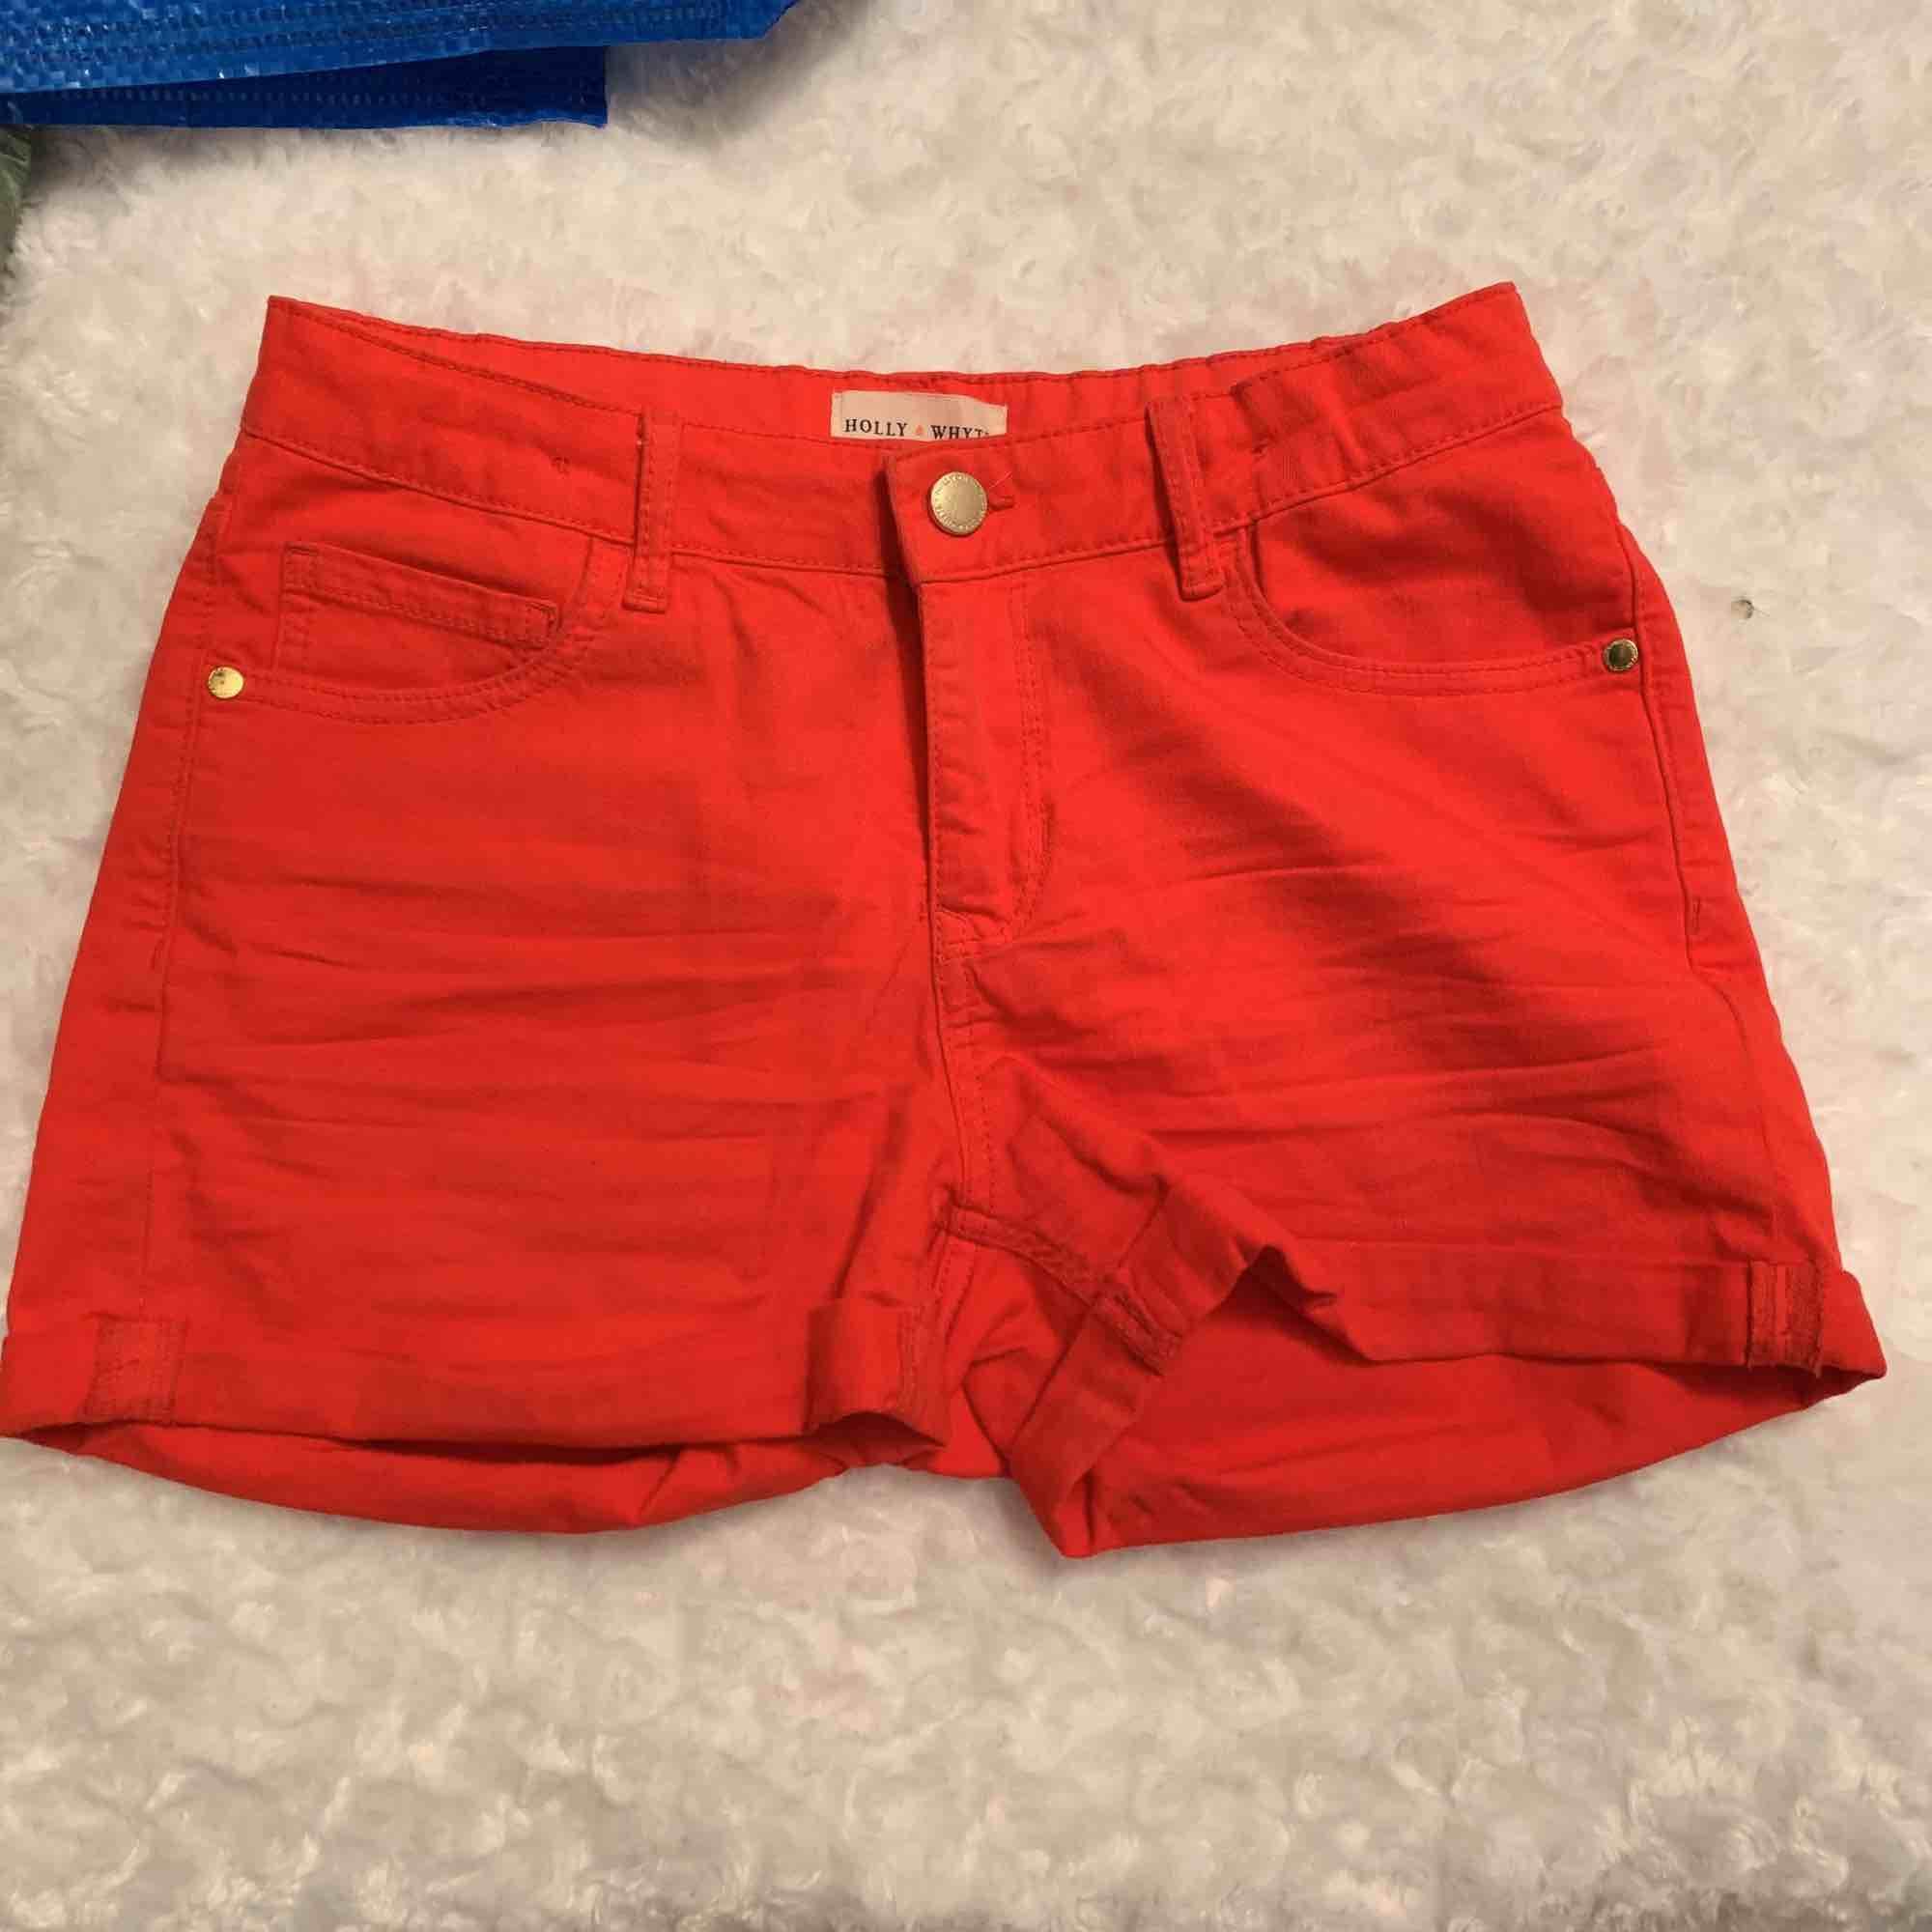 Ett par röda shorts från Holly and white med en guld knapp. Använda 1 gång, original pris 150. Bar skick inga hil eller slitningar utan precis som ny köpta. Shorts.